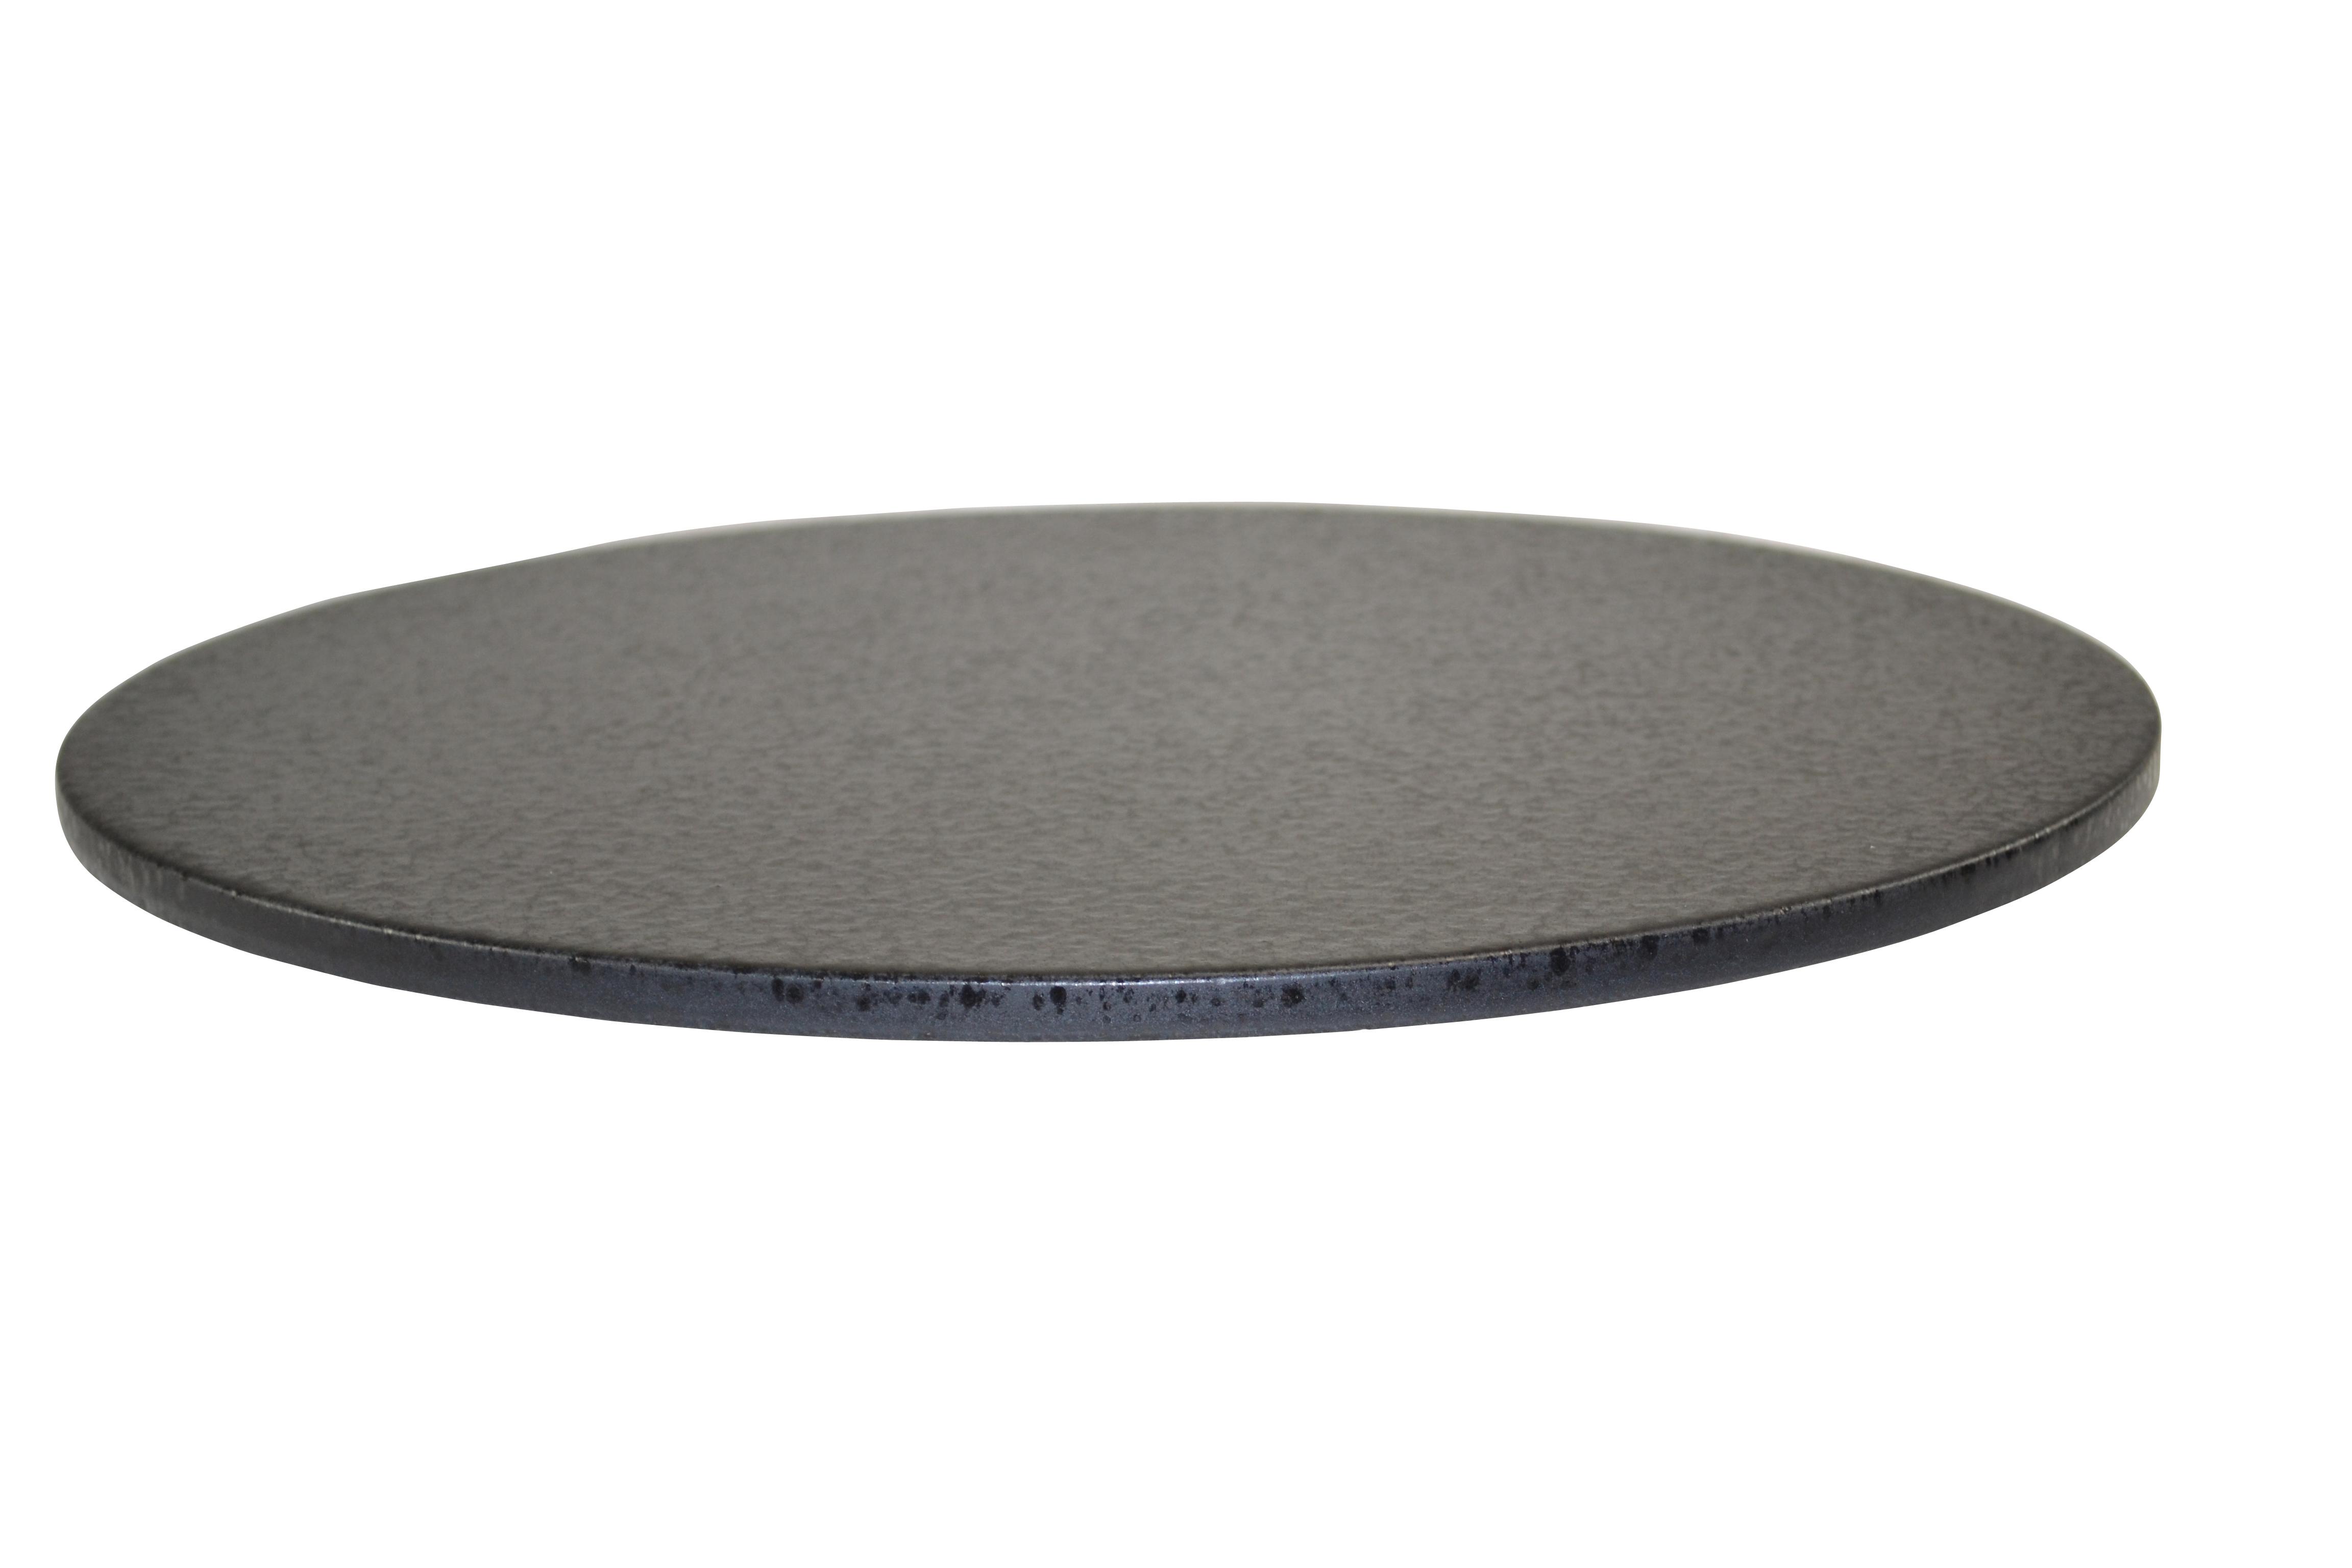 Grillstein Für Holzkohlegrill : Megrill grillstein aus glasiertem cordierit 470mm mit saftrille